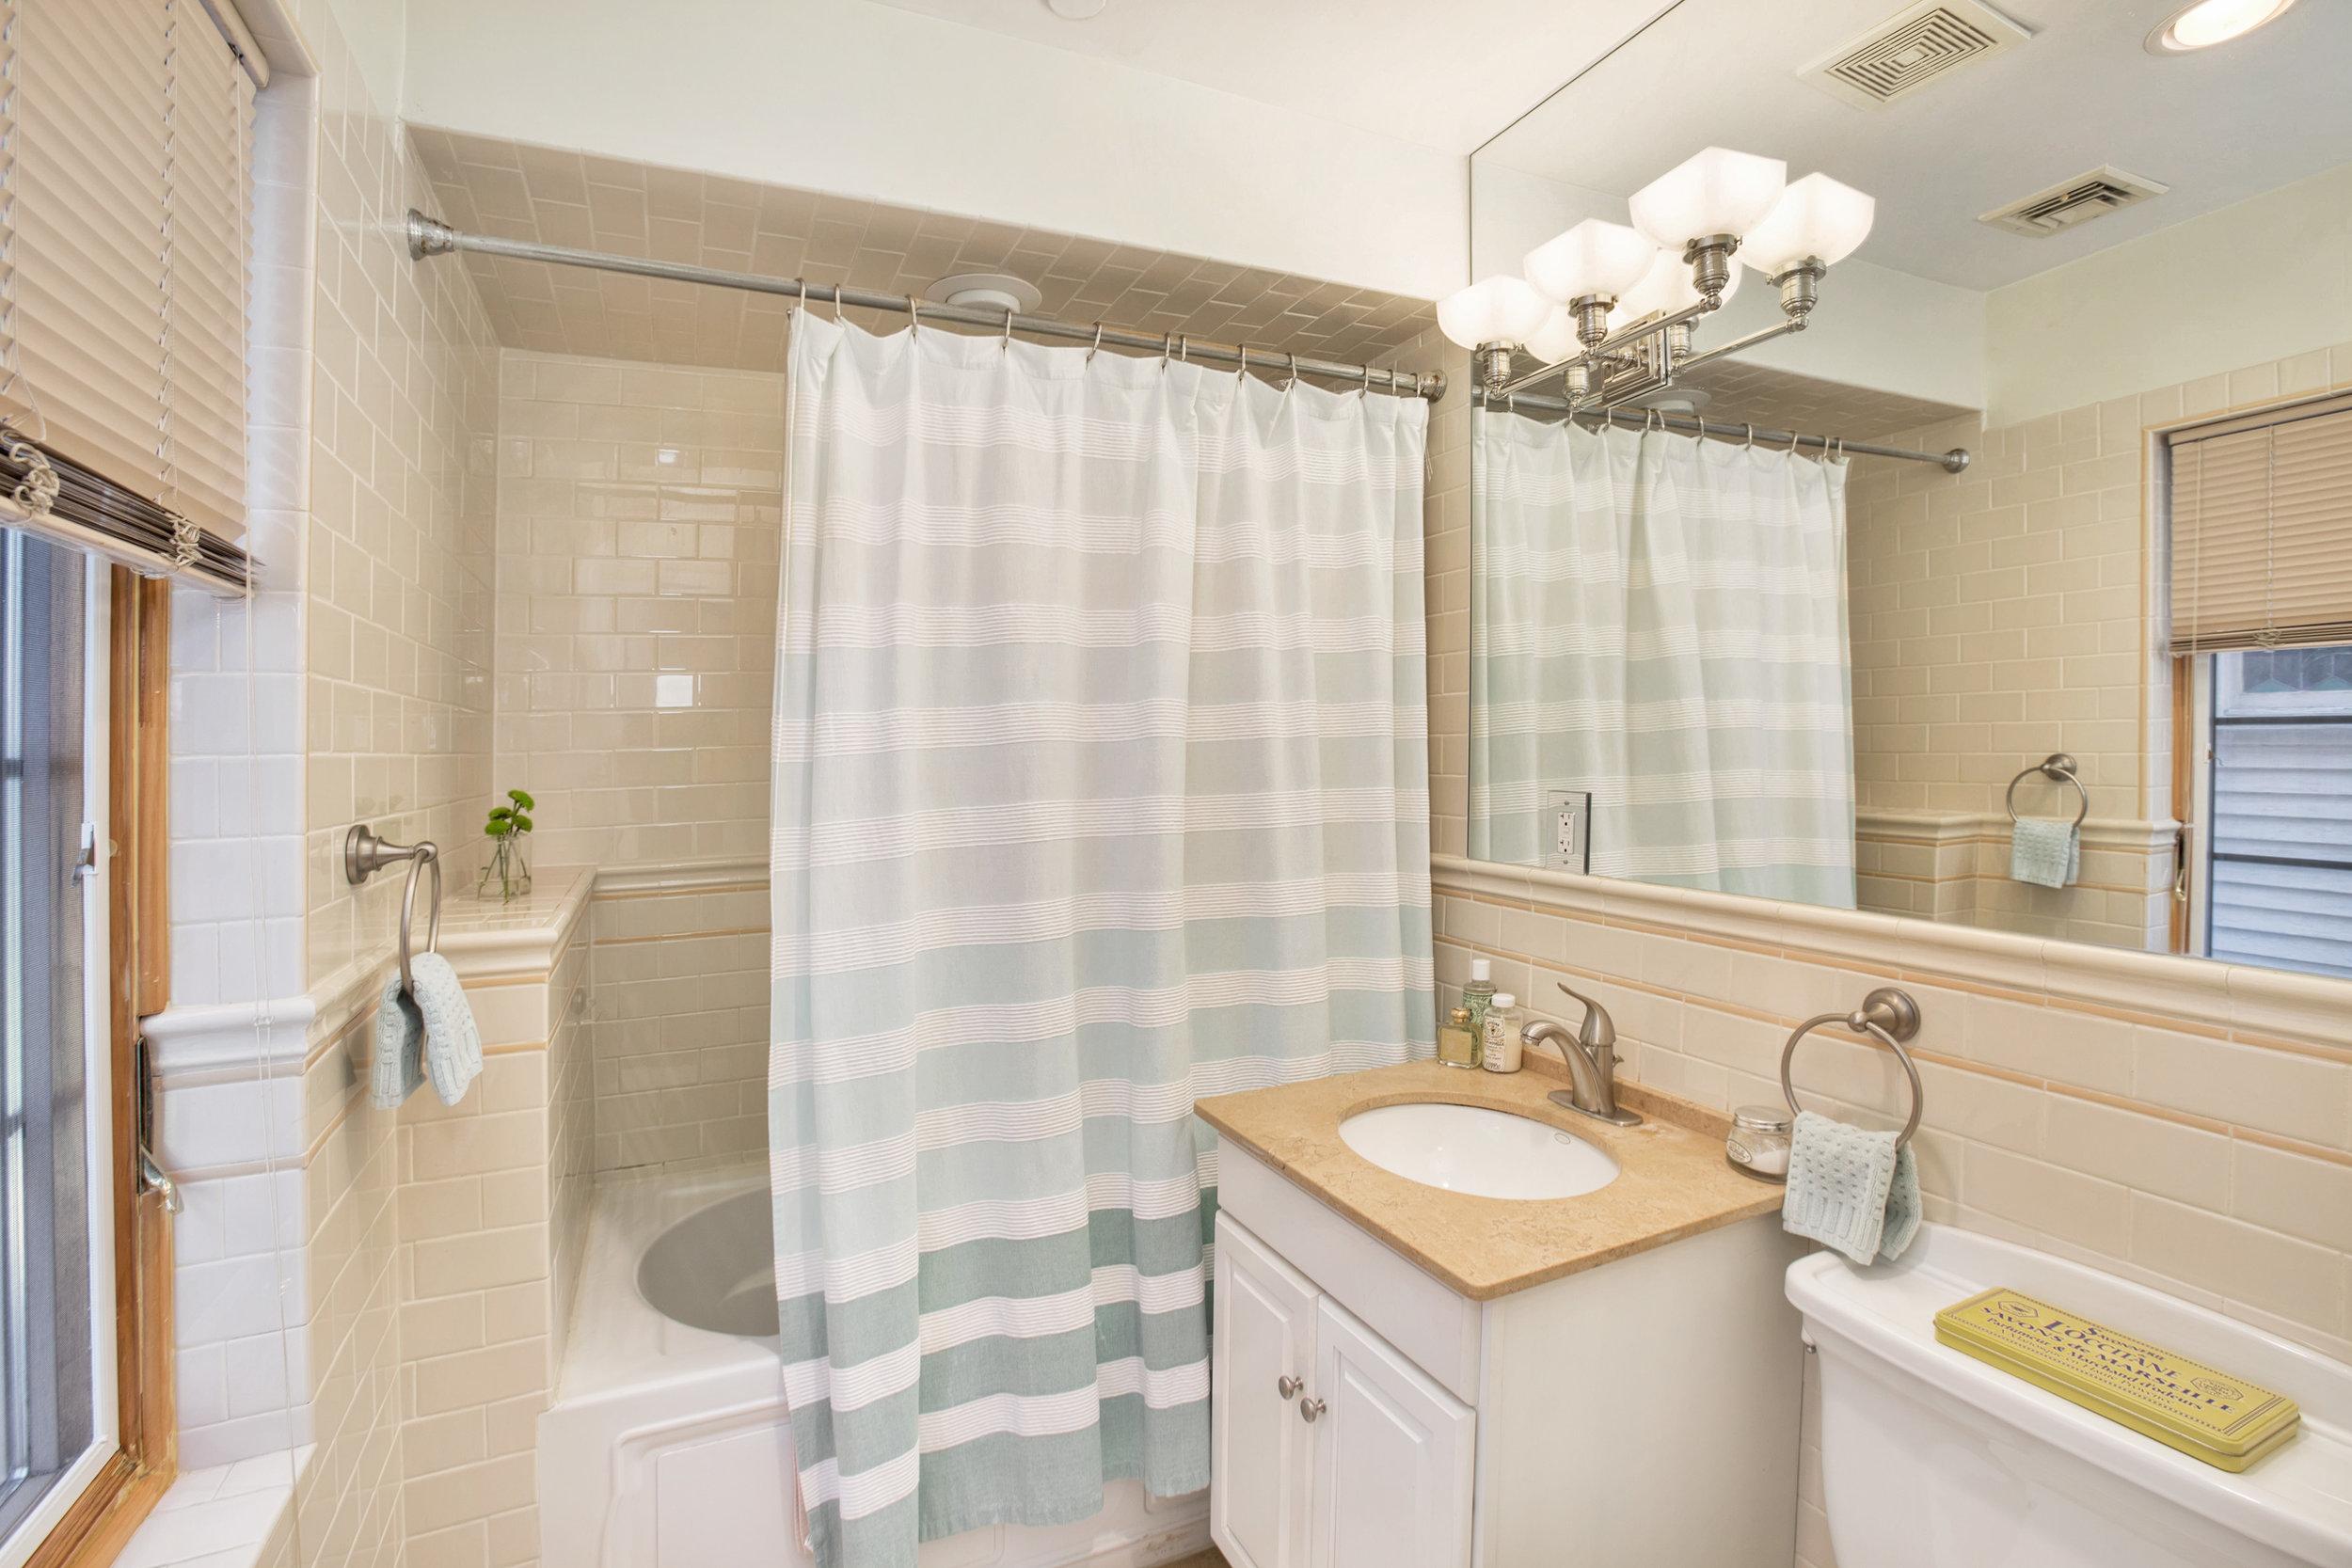 734e5th2r-bath.jpg